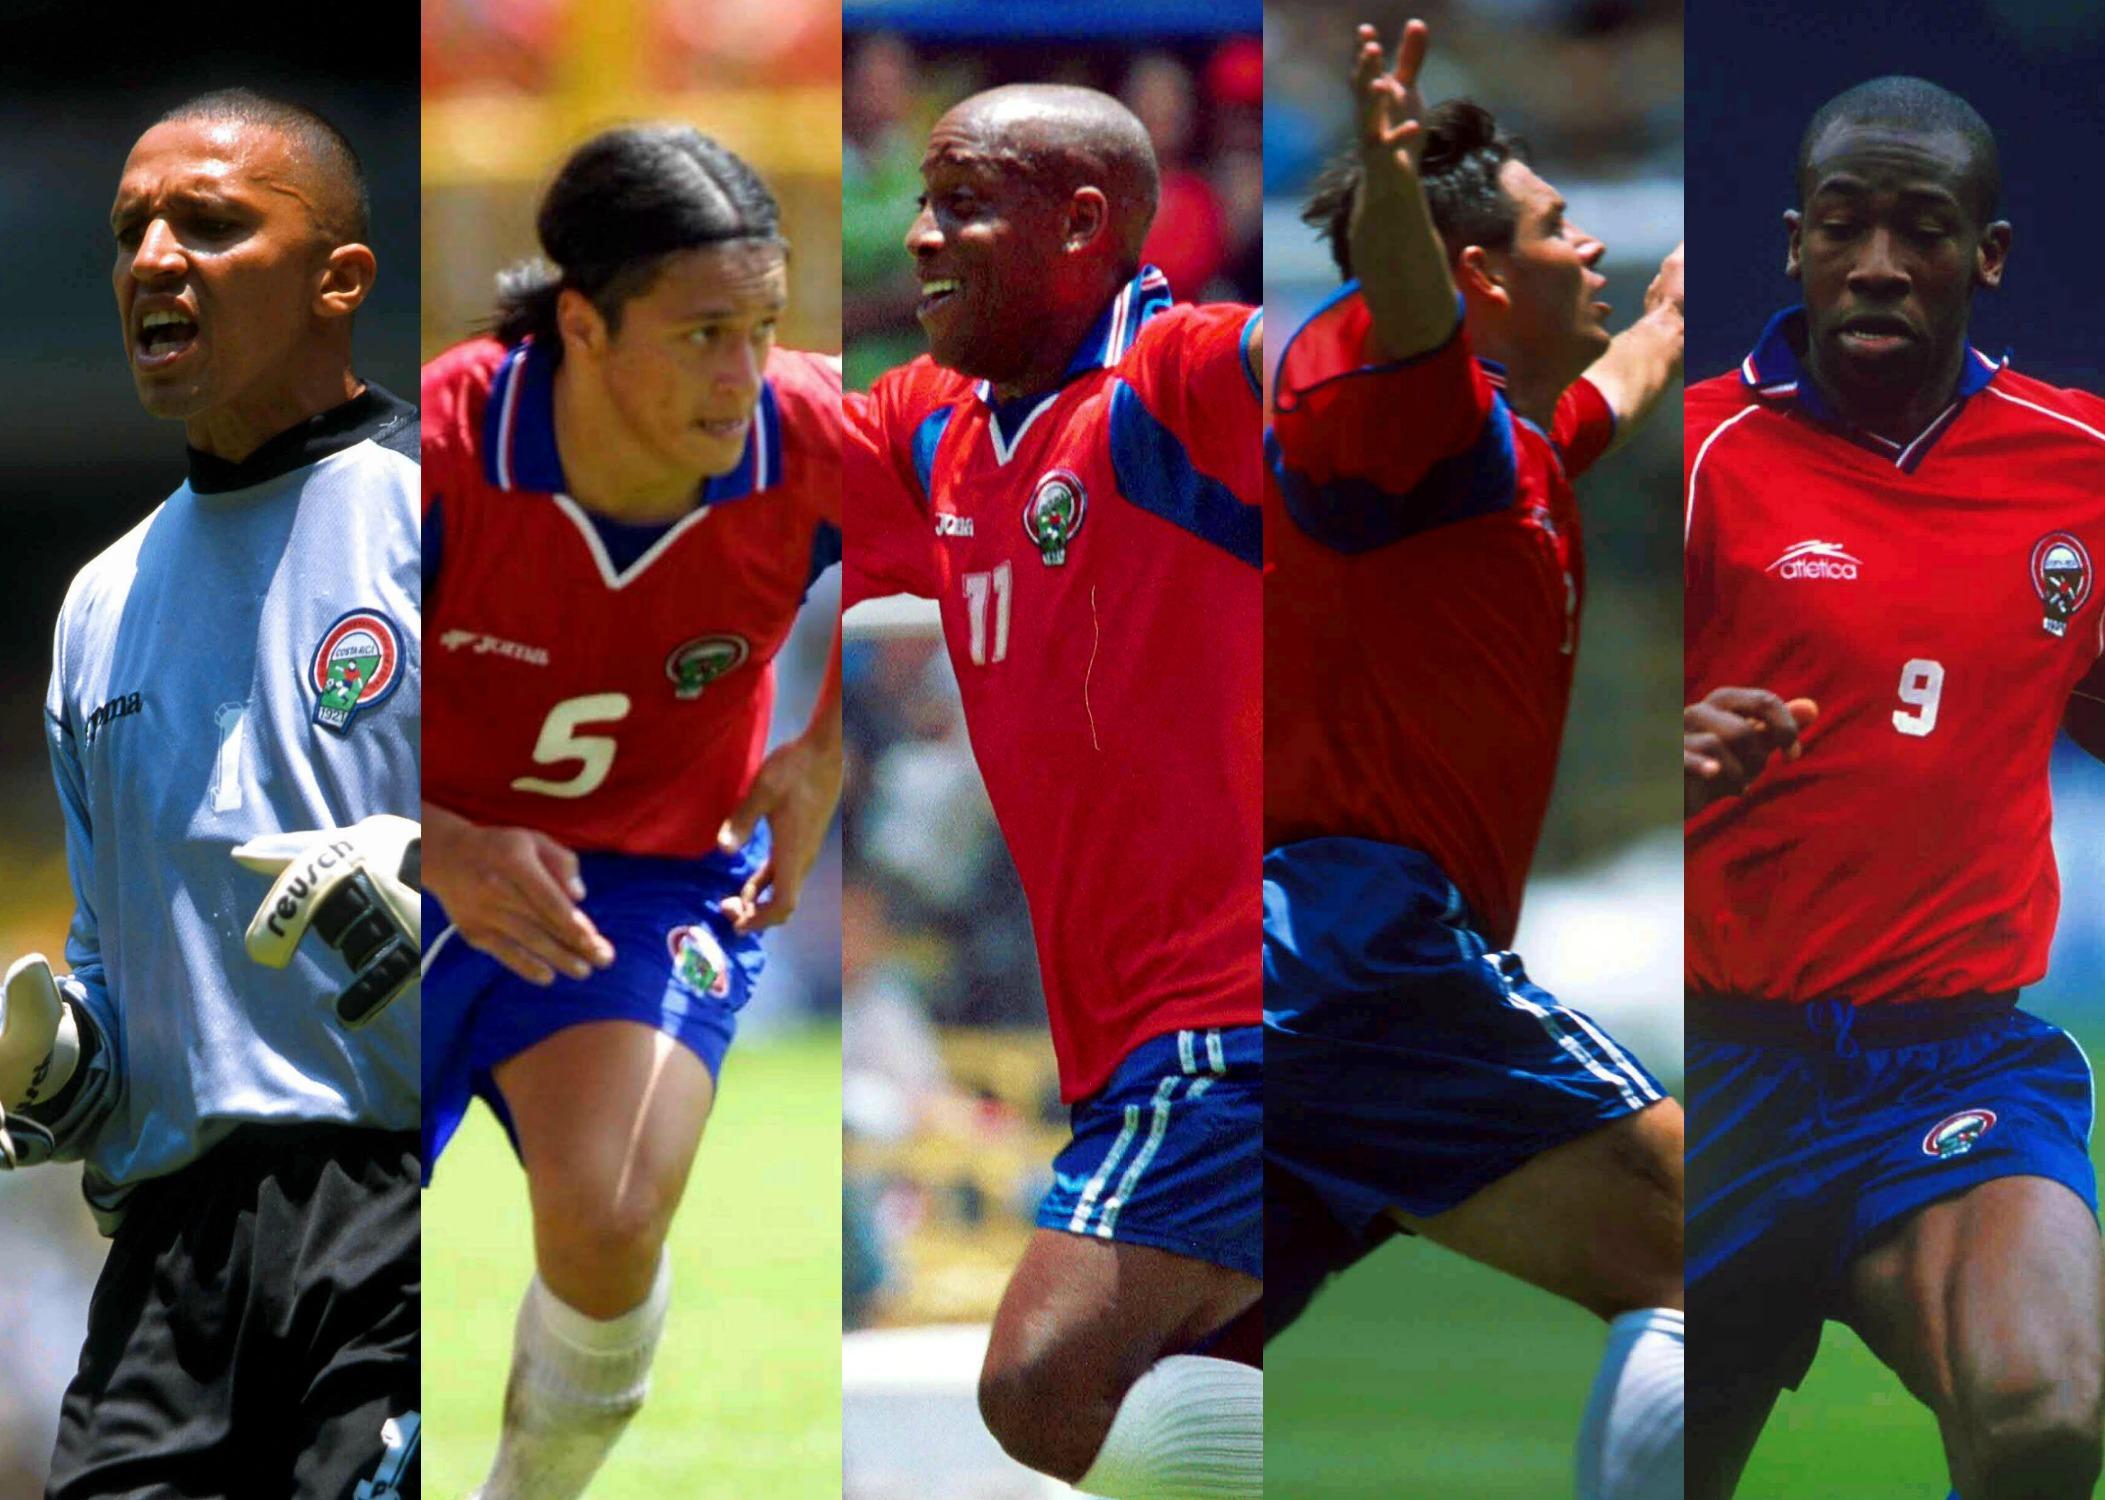 Ellos fueron los héroes de Costa Rica en el 'Aztecazo' rumbo a Corea y  Japón 2002 | Noticias Univision América Latina | Univision